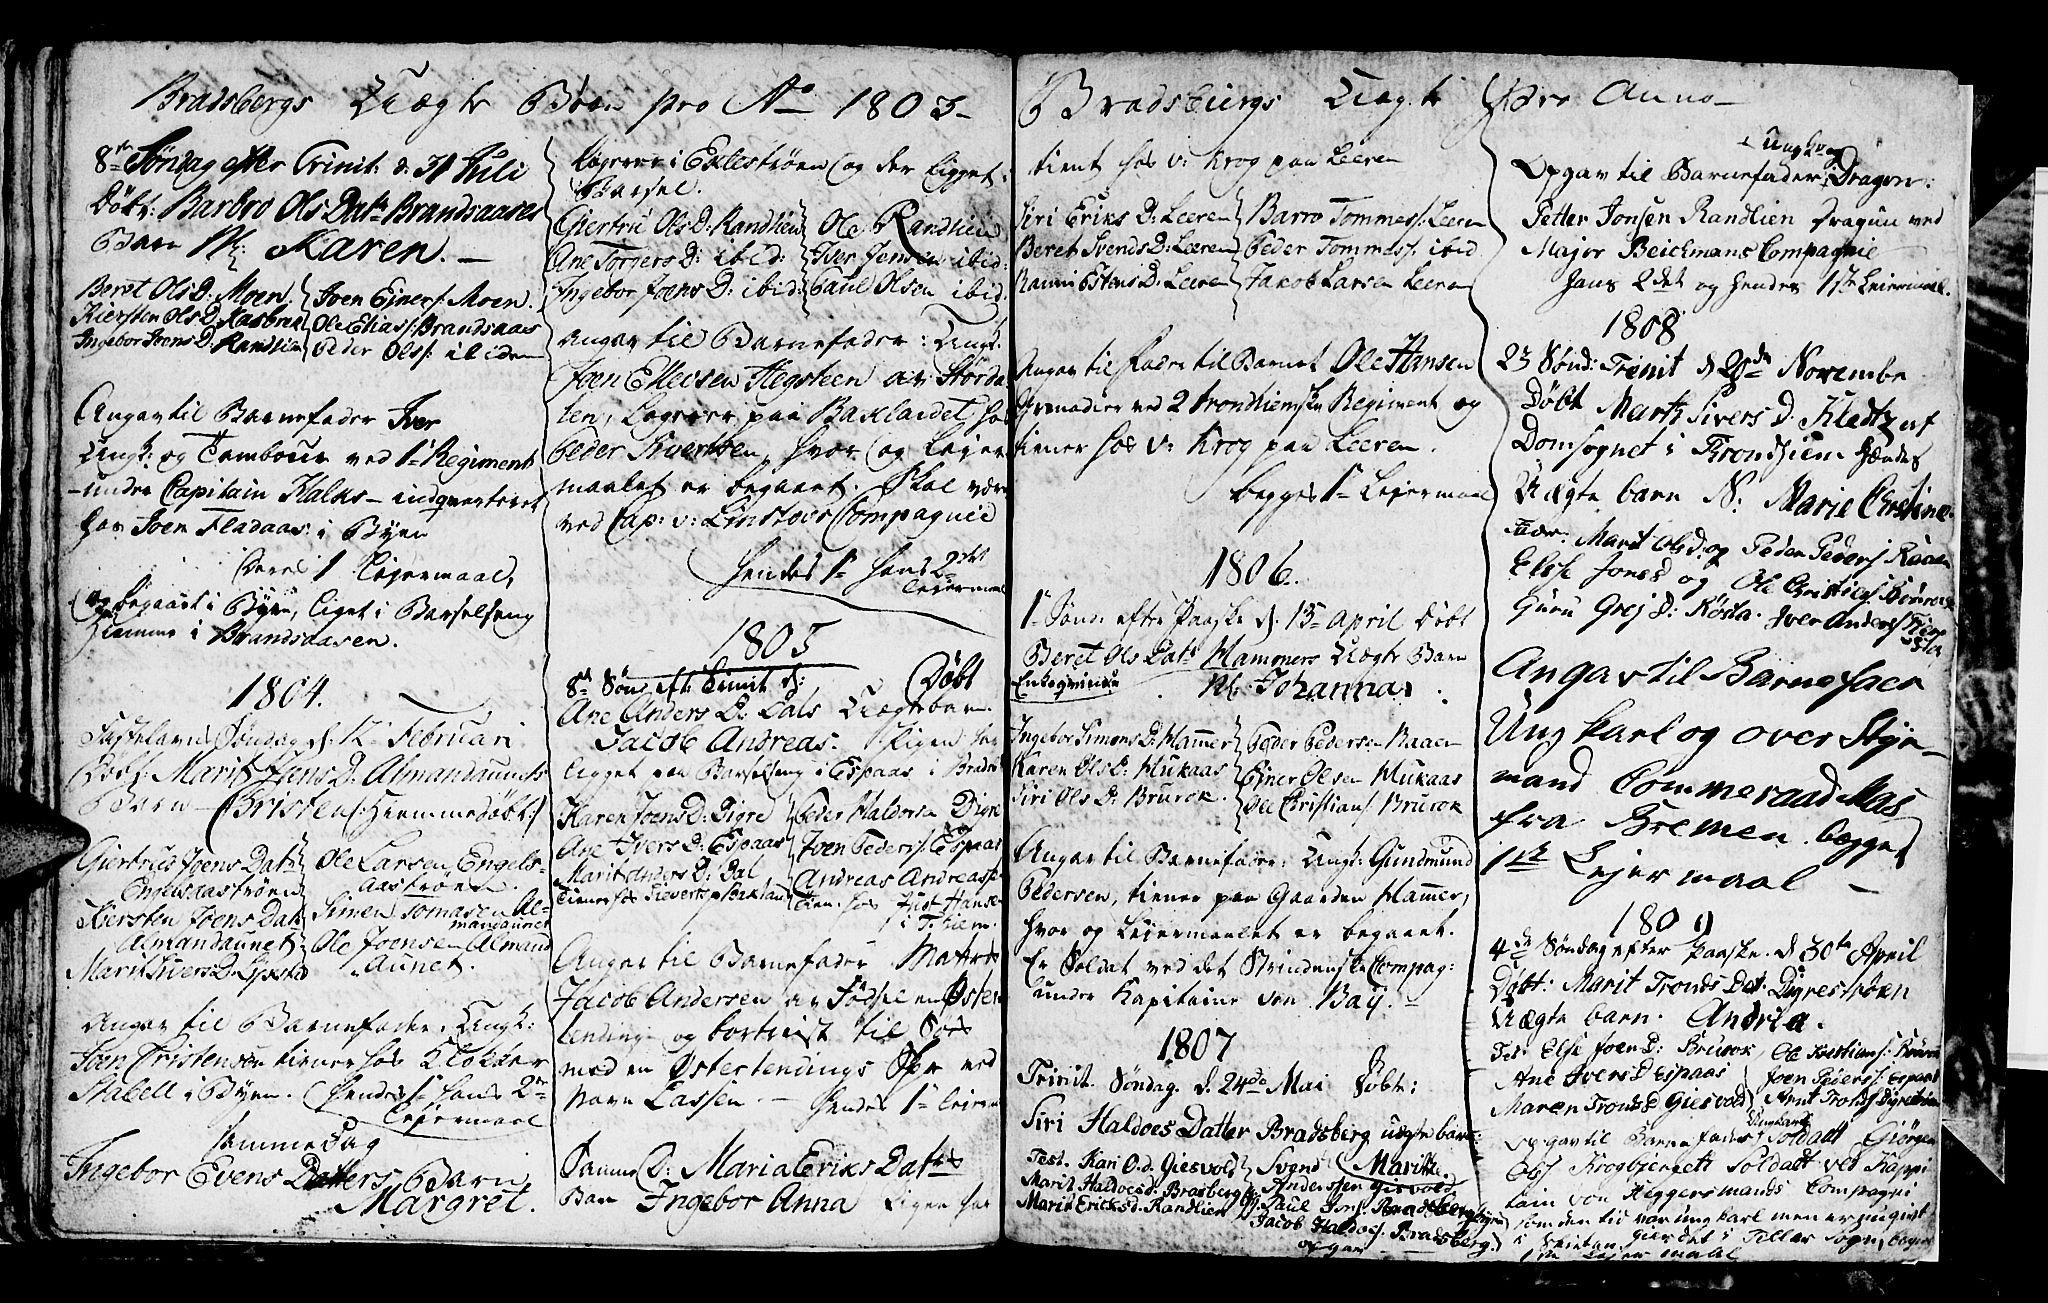 SAT, Ministerialprotokoller, klokkerbøker og fødselsregistre - Sør-Trøndelag, 608/L0335: Klokkerbok nr. 608C01, 1797-1820